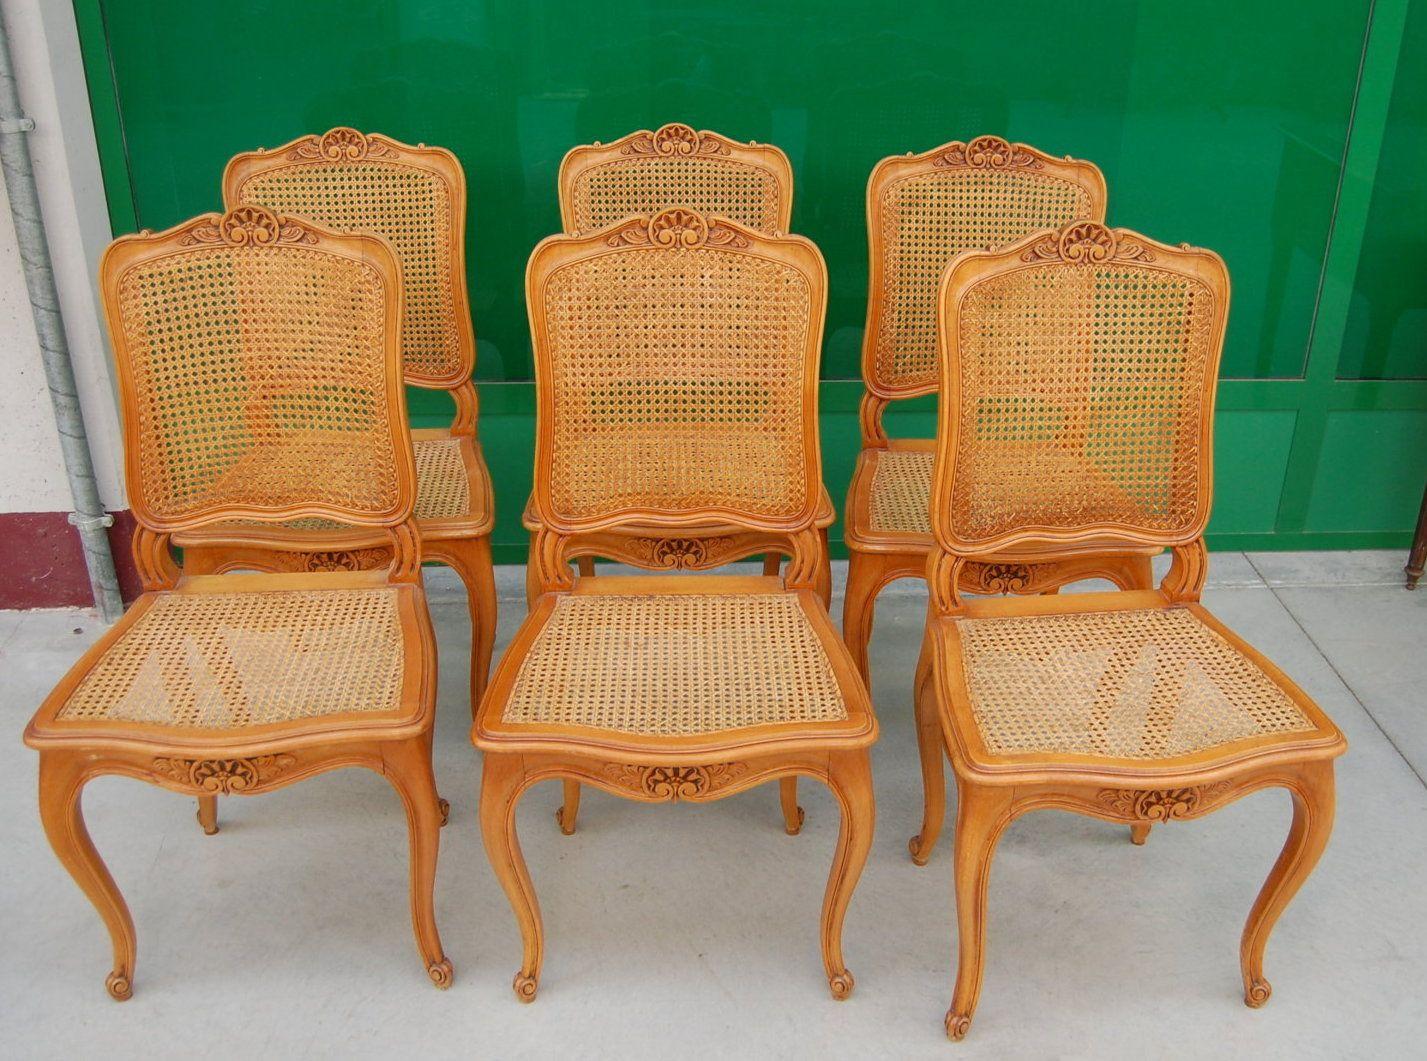 Sedie Francesi Provenzali : 6 sedie provenzali in faggio e paglia di vienna prima meta 900